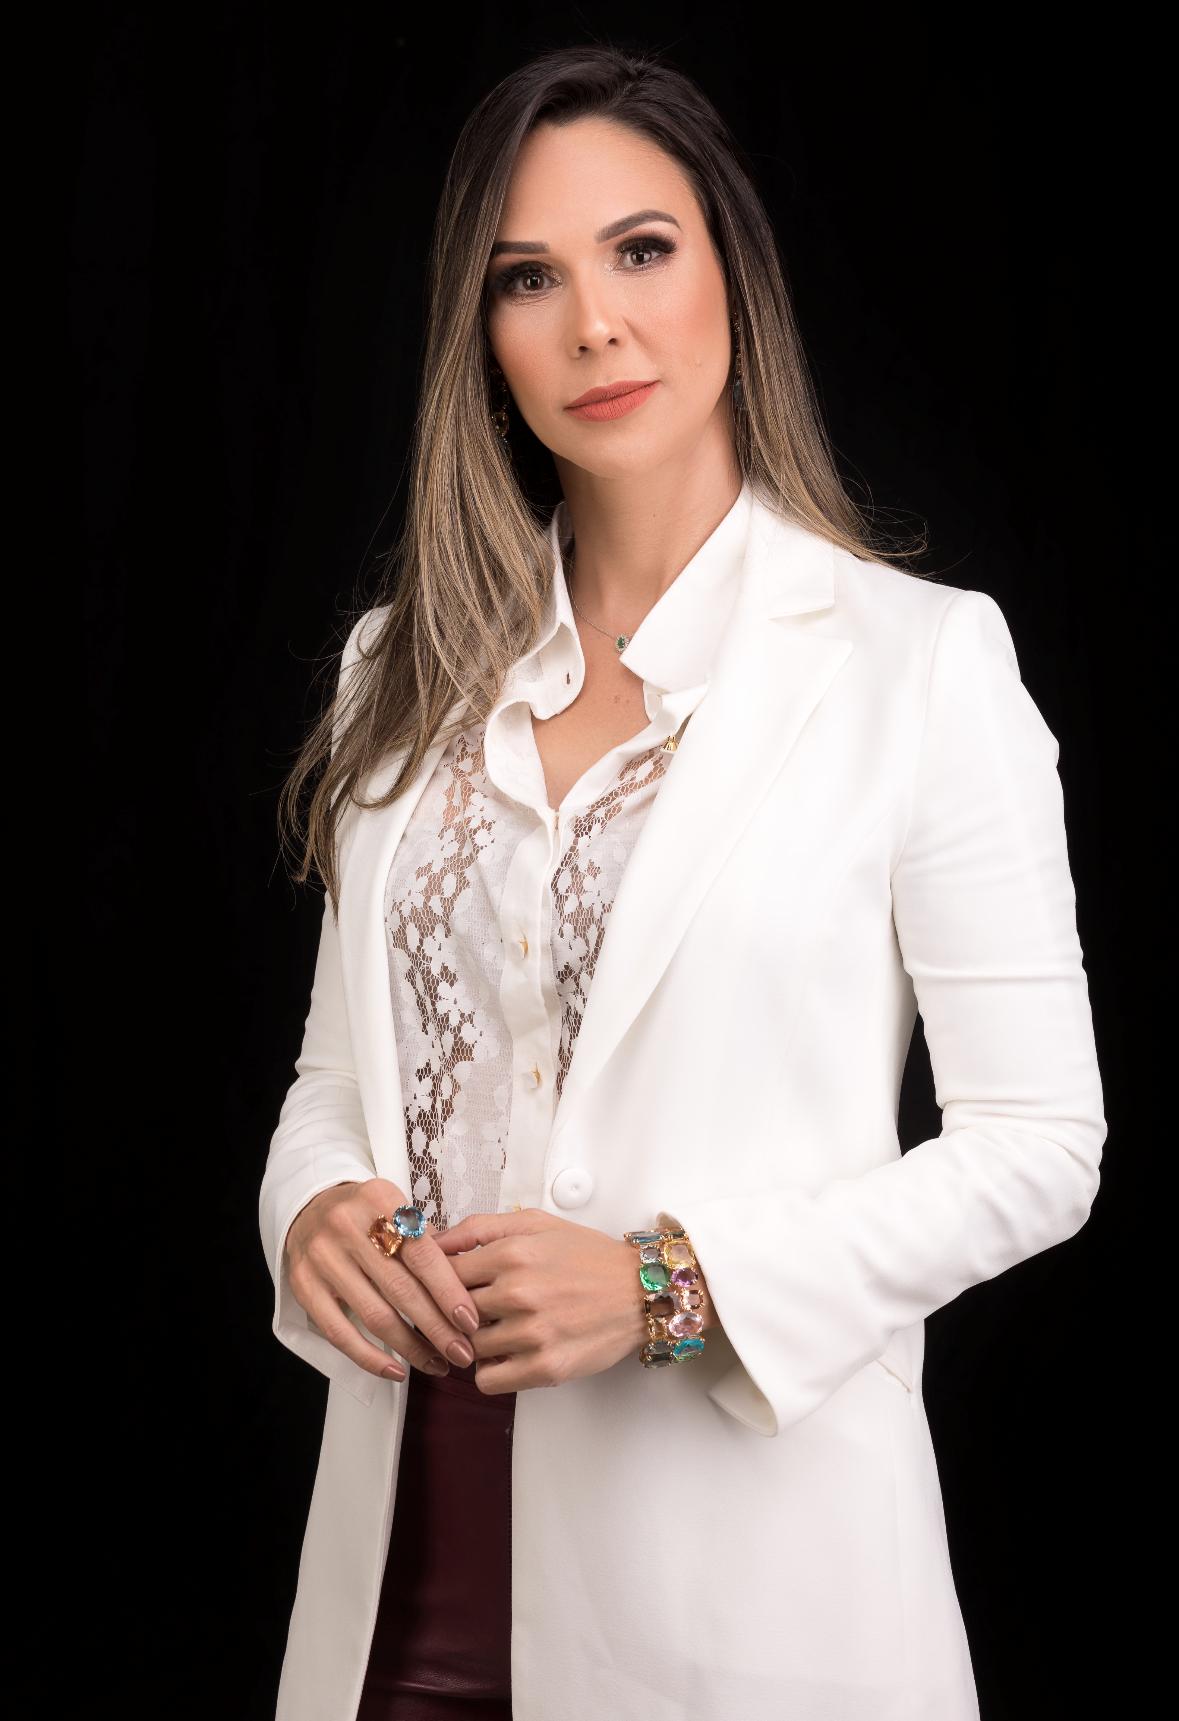 Flavia Alves de Oliveira